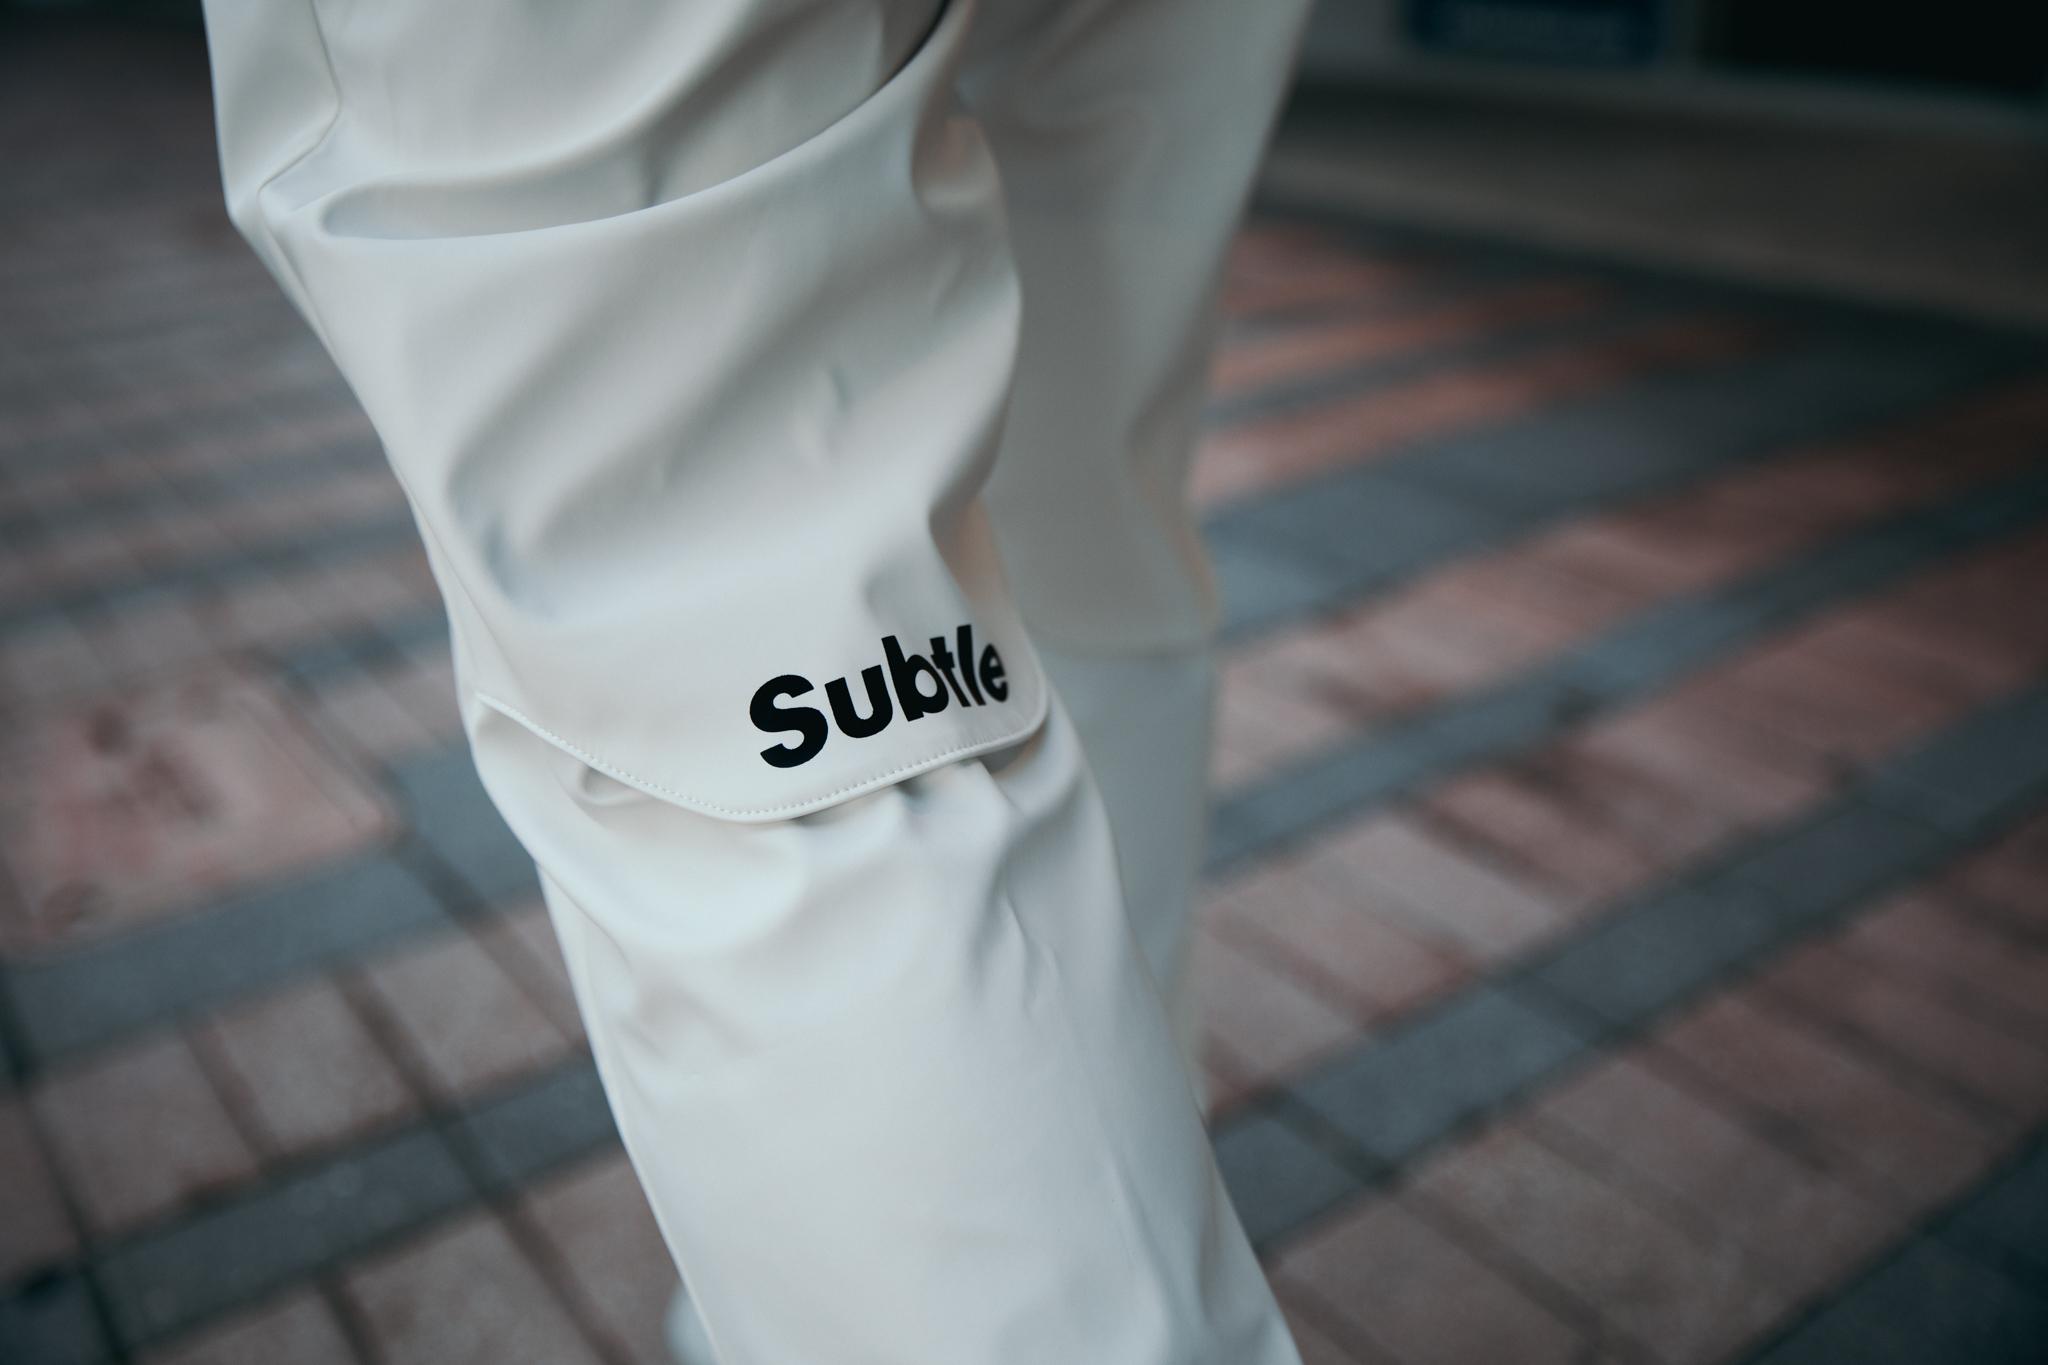 subtle-subtle park-hong kong-los angeles-kal visuals-lifestyle-kyle loftus